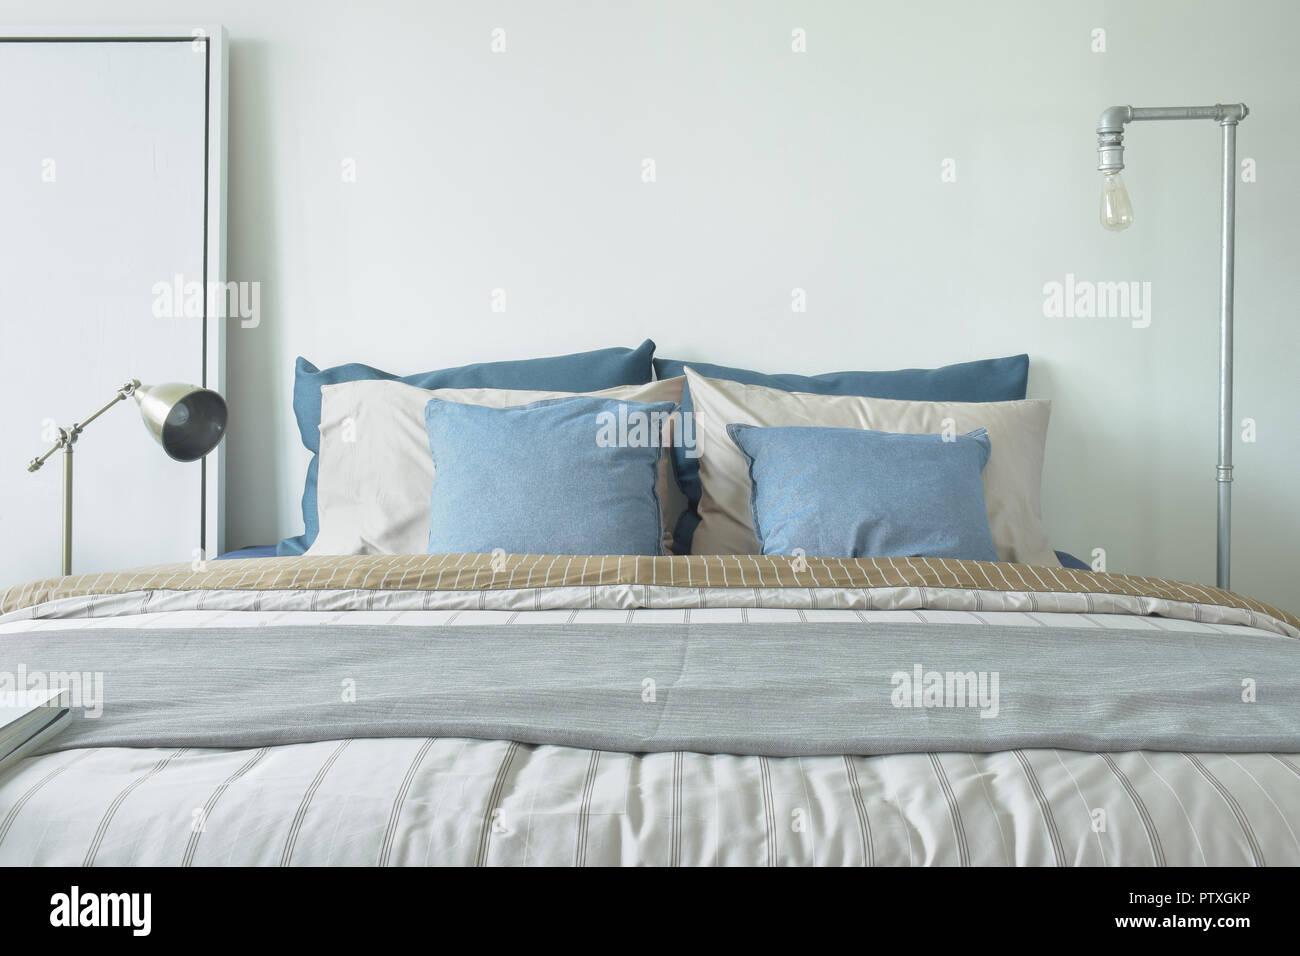 Minimal Style Schlafzimmer Einrichtung In Blau Und Grau Farbschema Stockfotografie Alamy